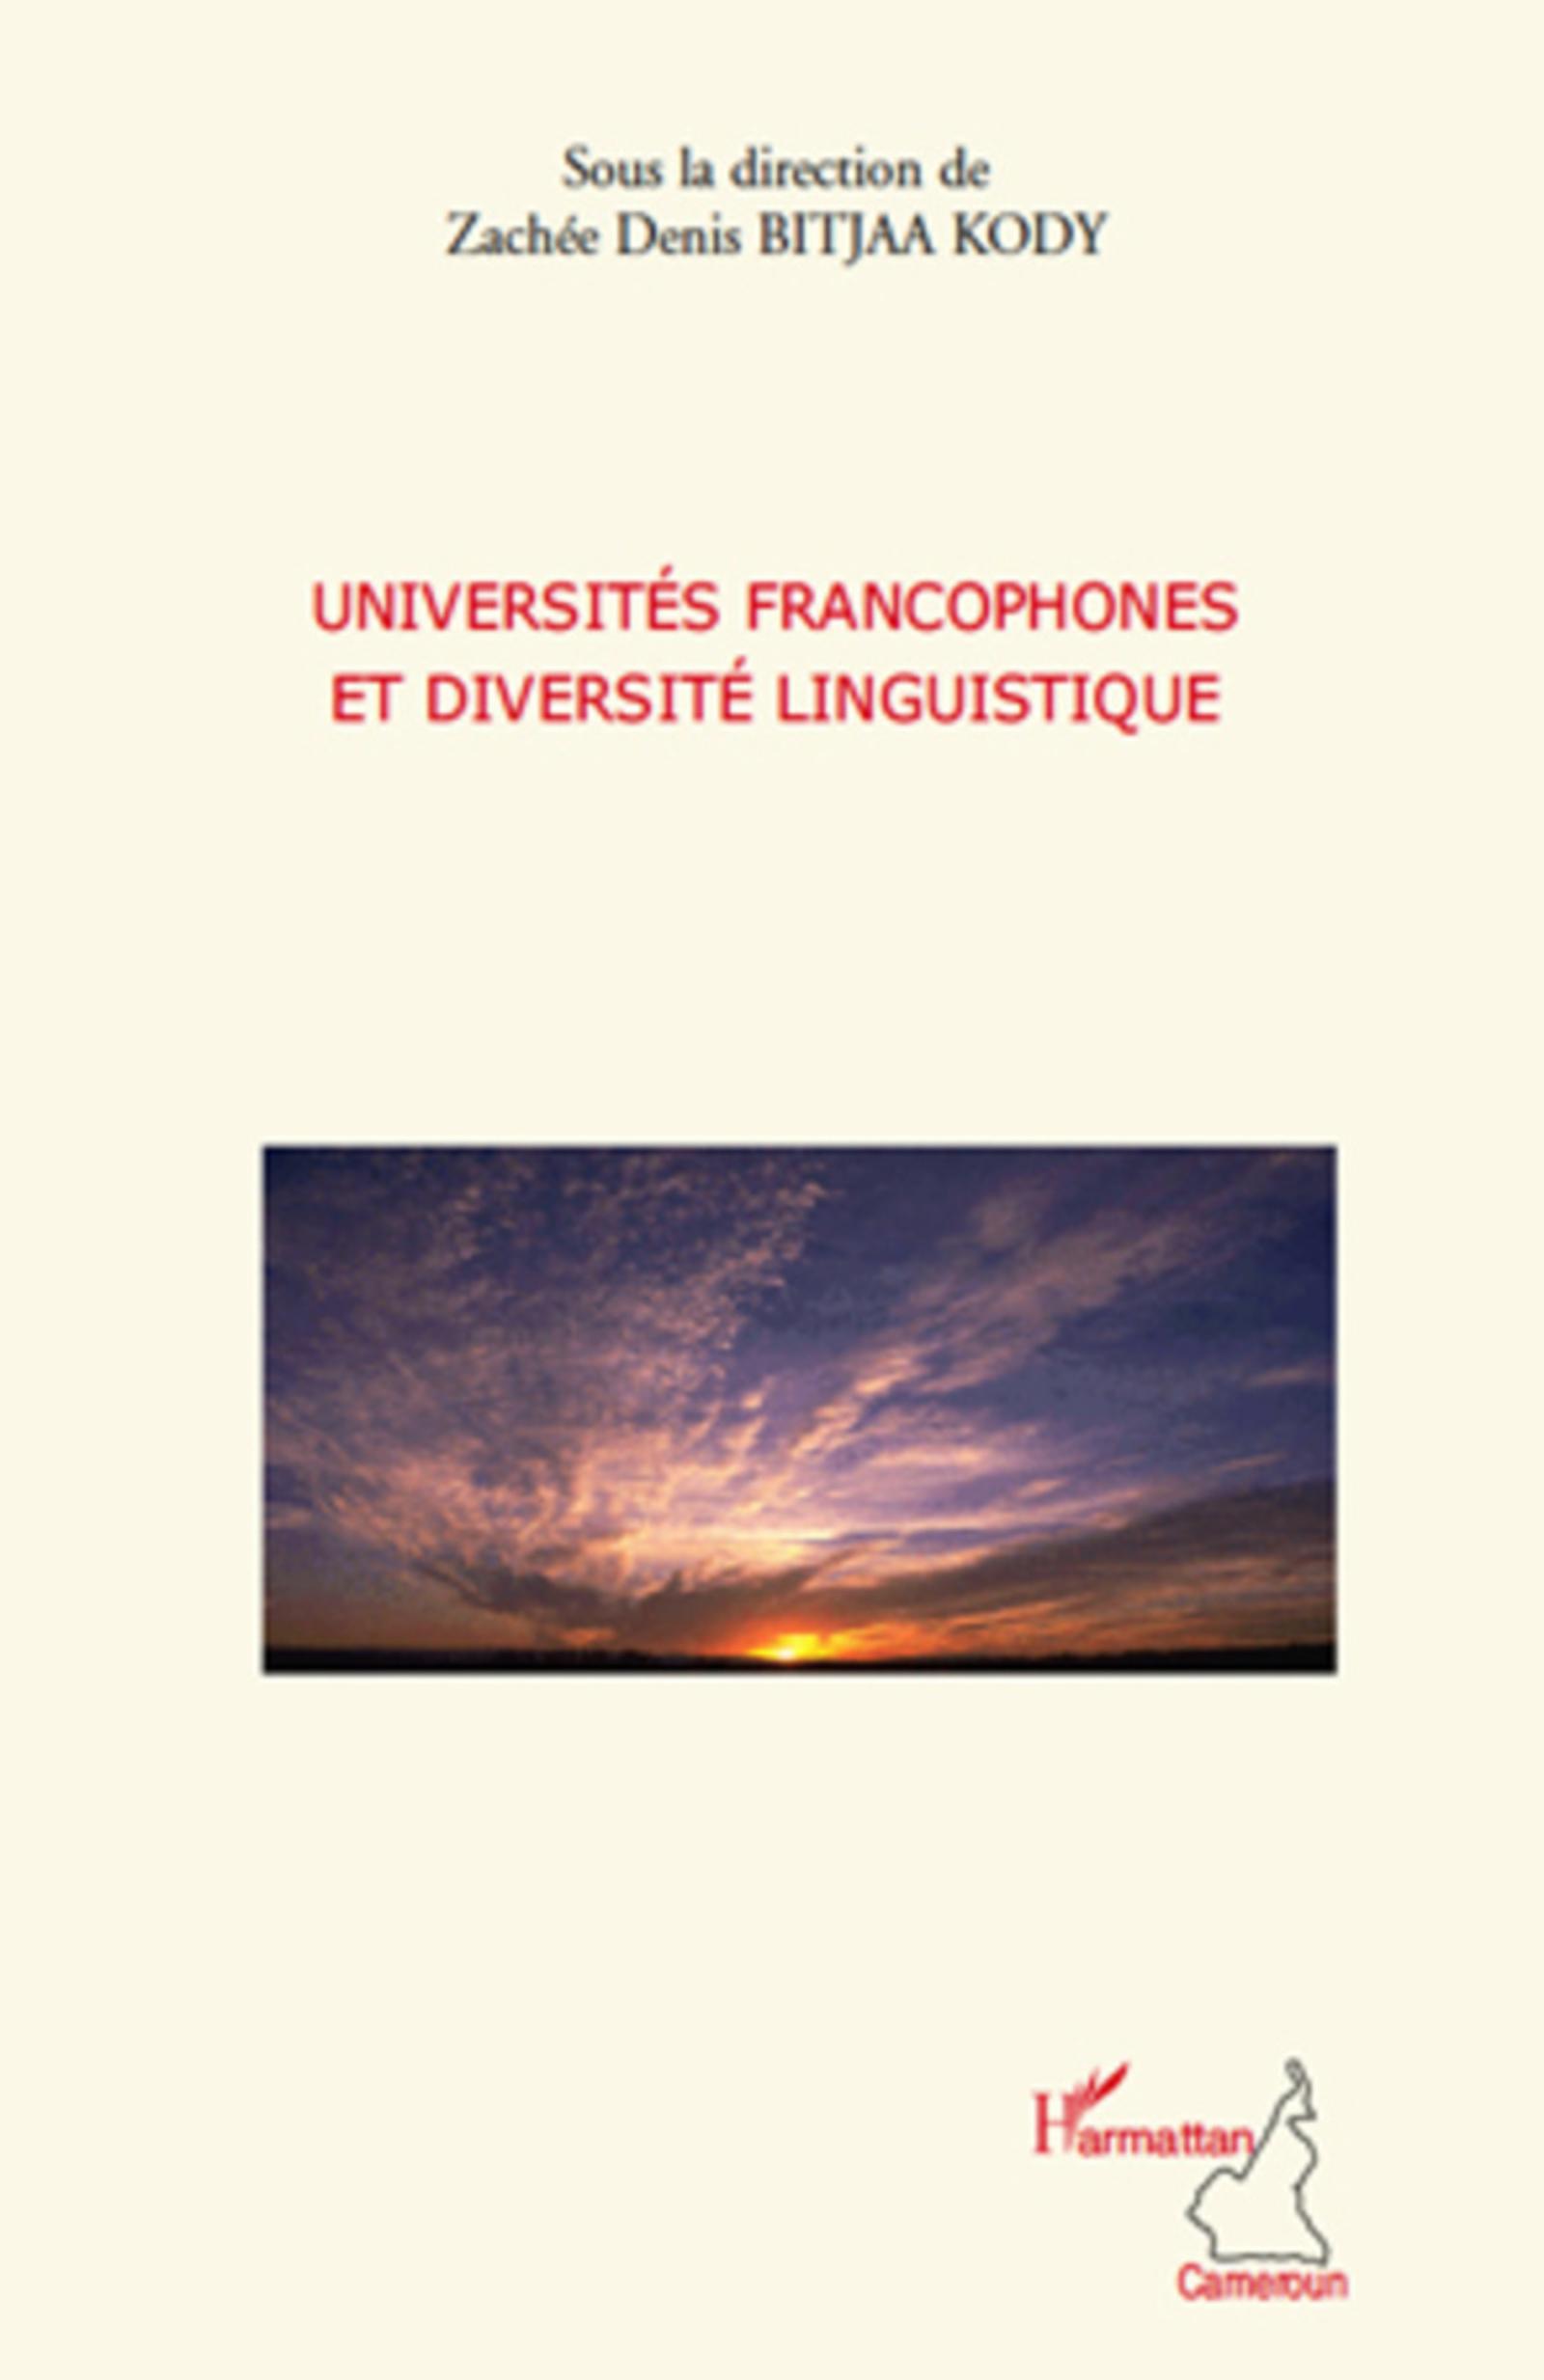 Universités francophones et diversité linguistique (Harmattan Cameroun) (French Edition)